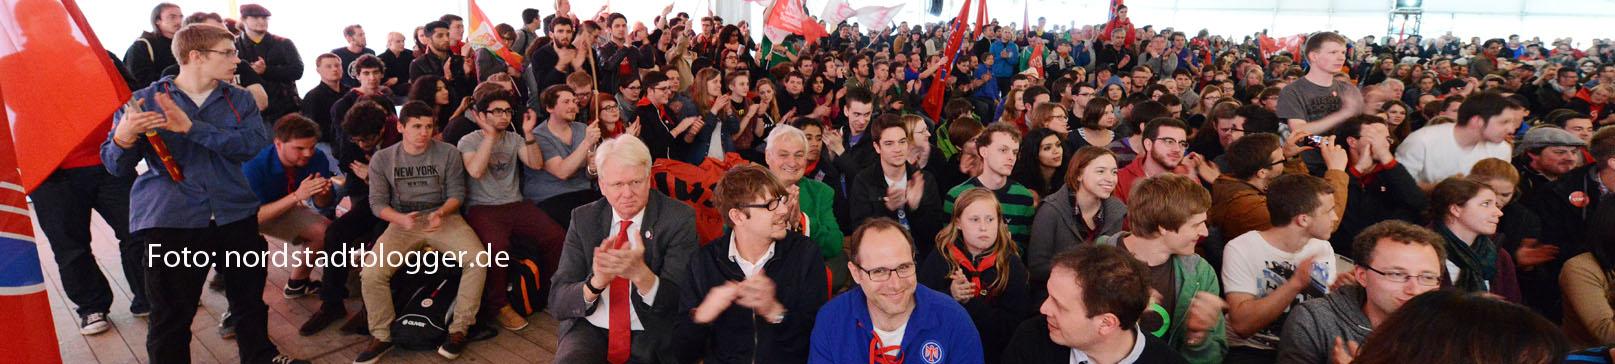 Große Resonanz auf Workers Youth Festival (Update)